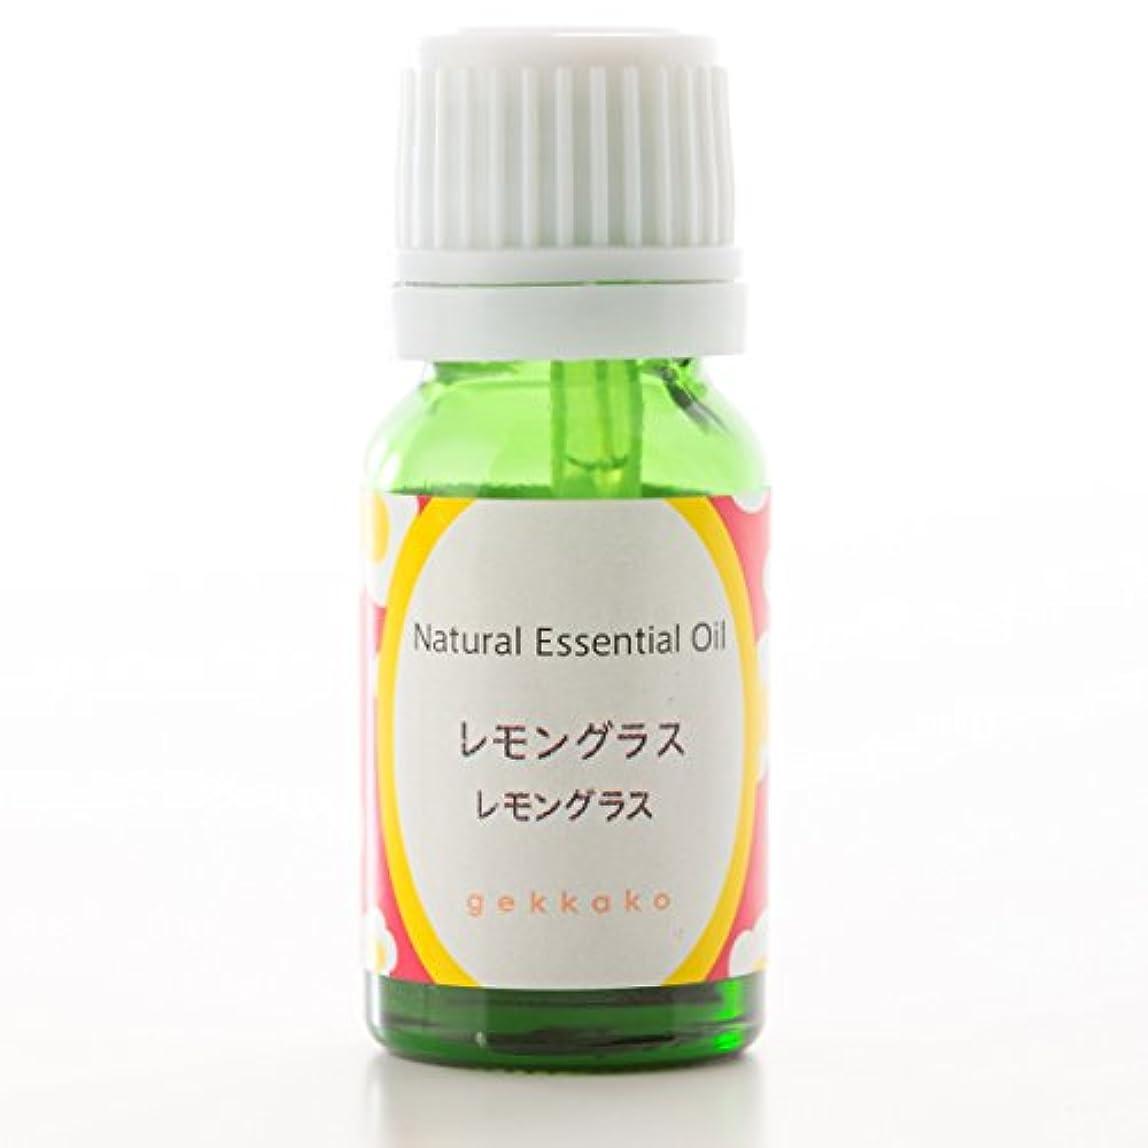 <月下香>エッセンシャルオイル/アロマ/レモングラス【5ml】 (5ml)